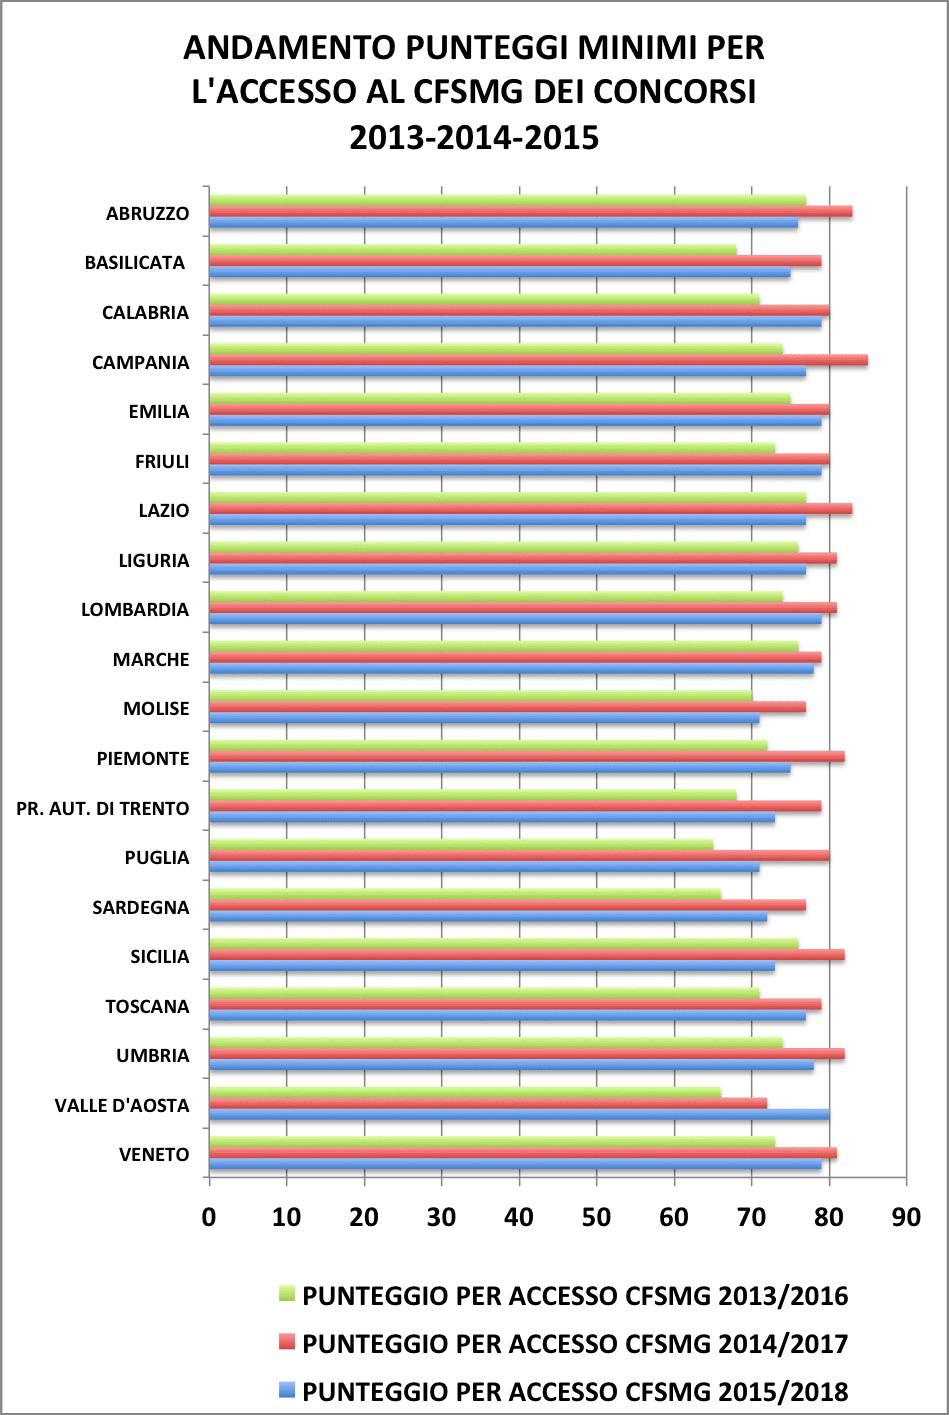 ANDAMENTO PUNTEGGI MINIMI PER L'ACCESSO AL CFSMG DEI CONCORSI 2013-2014-2015